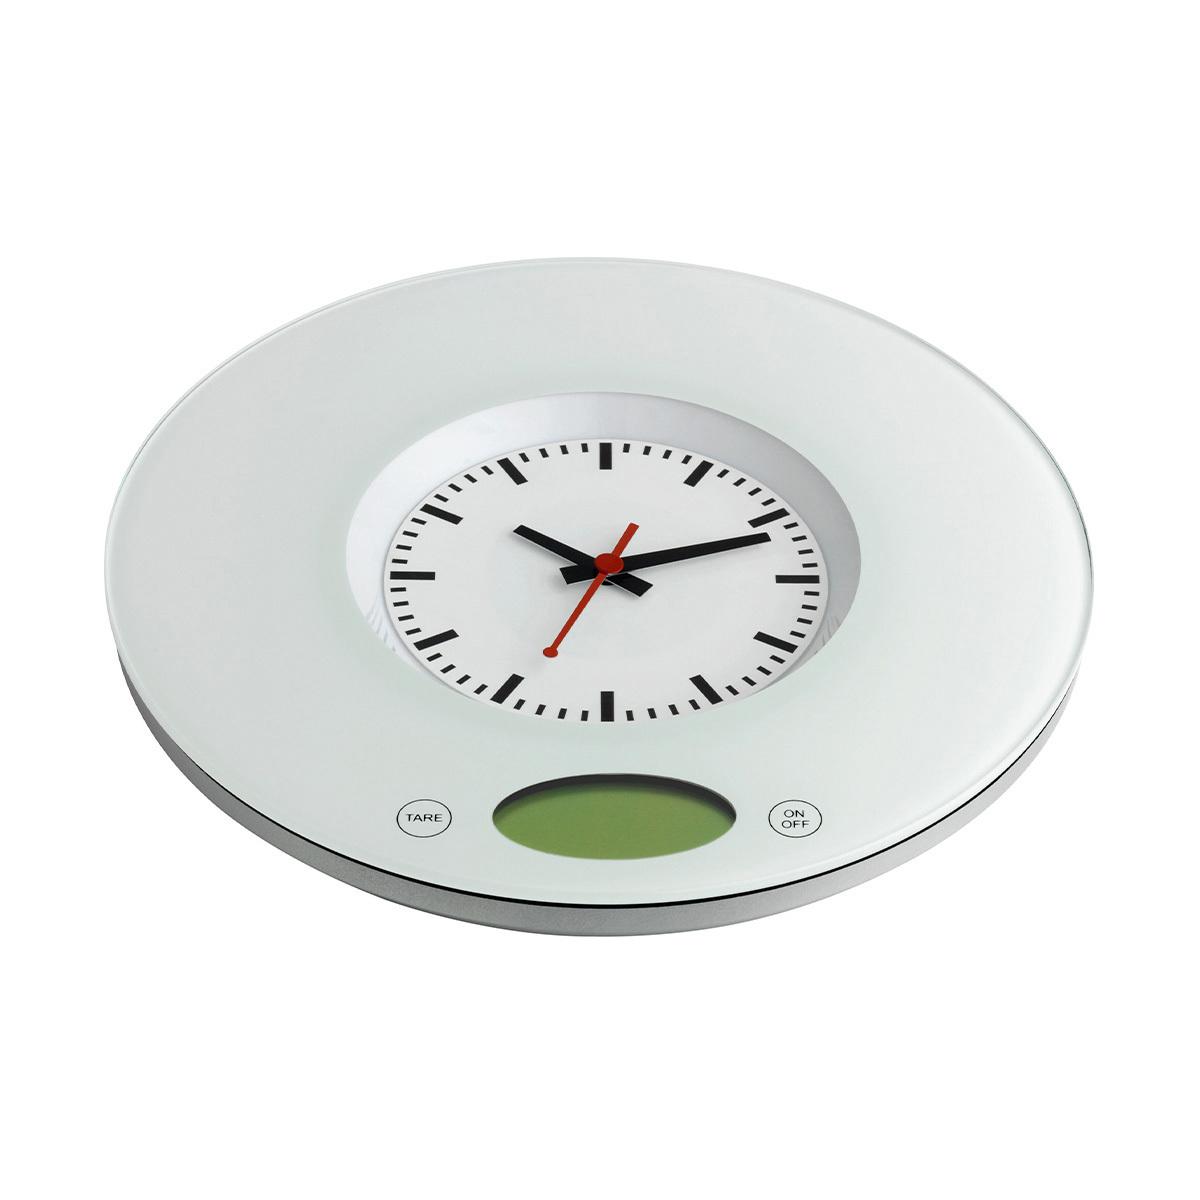 60-3002-digitale-design-küchenwaage-mit-analoger-quarzuhr-ansicht-1200x1200px.jpg